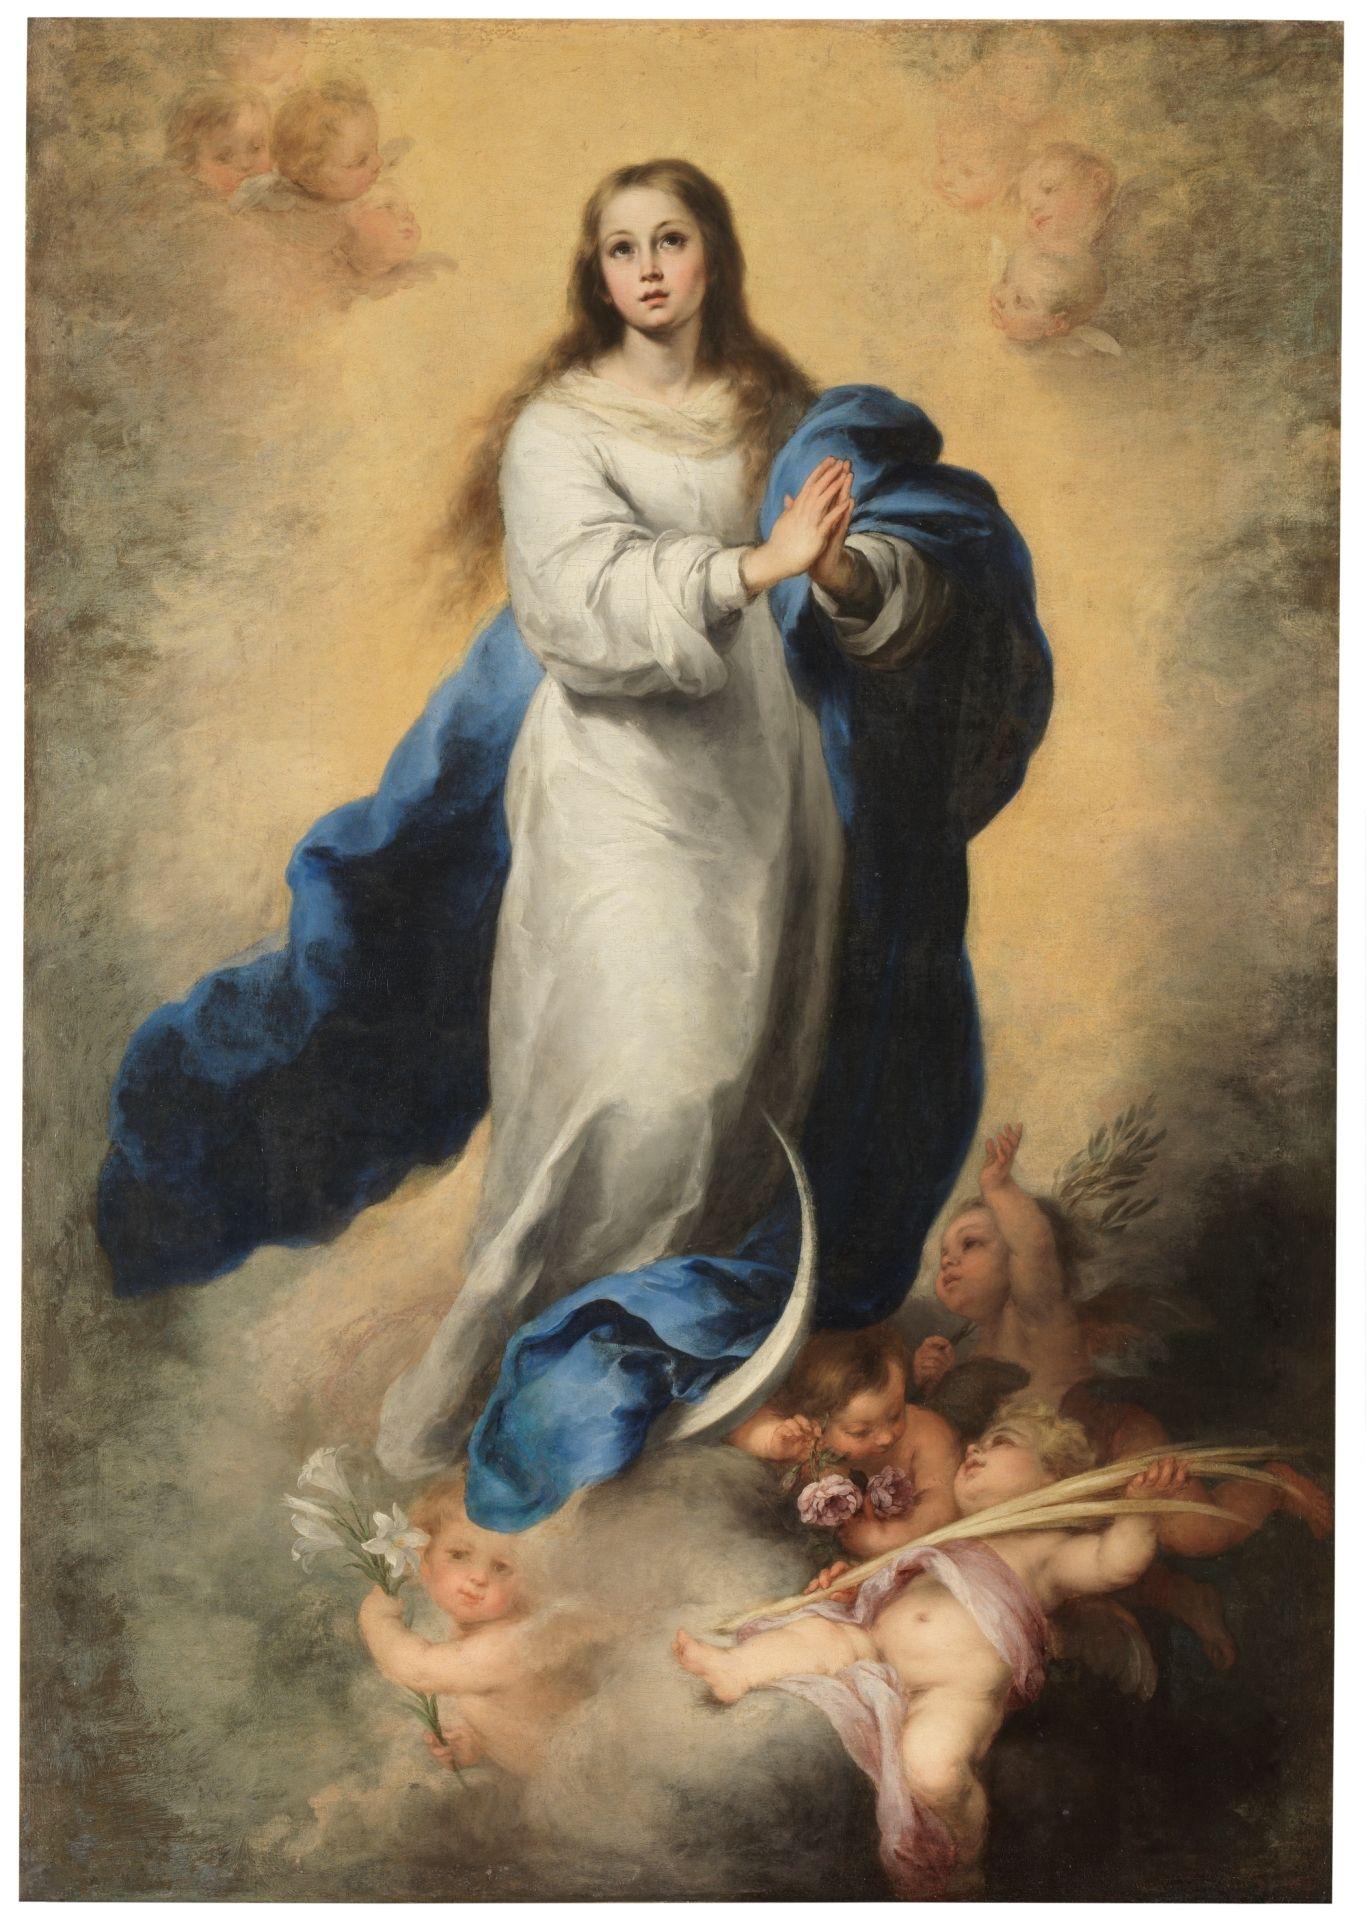 La virgen vestida de blanco